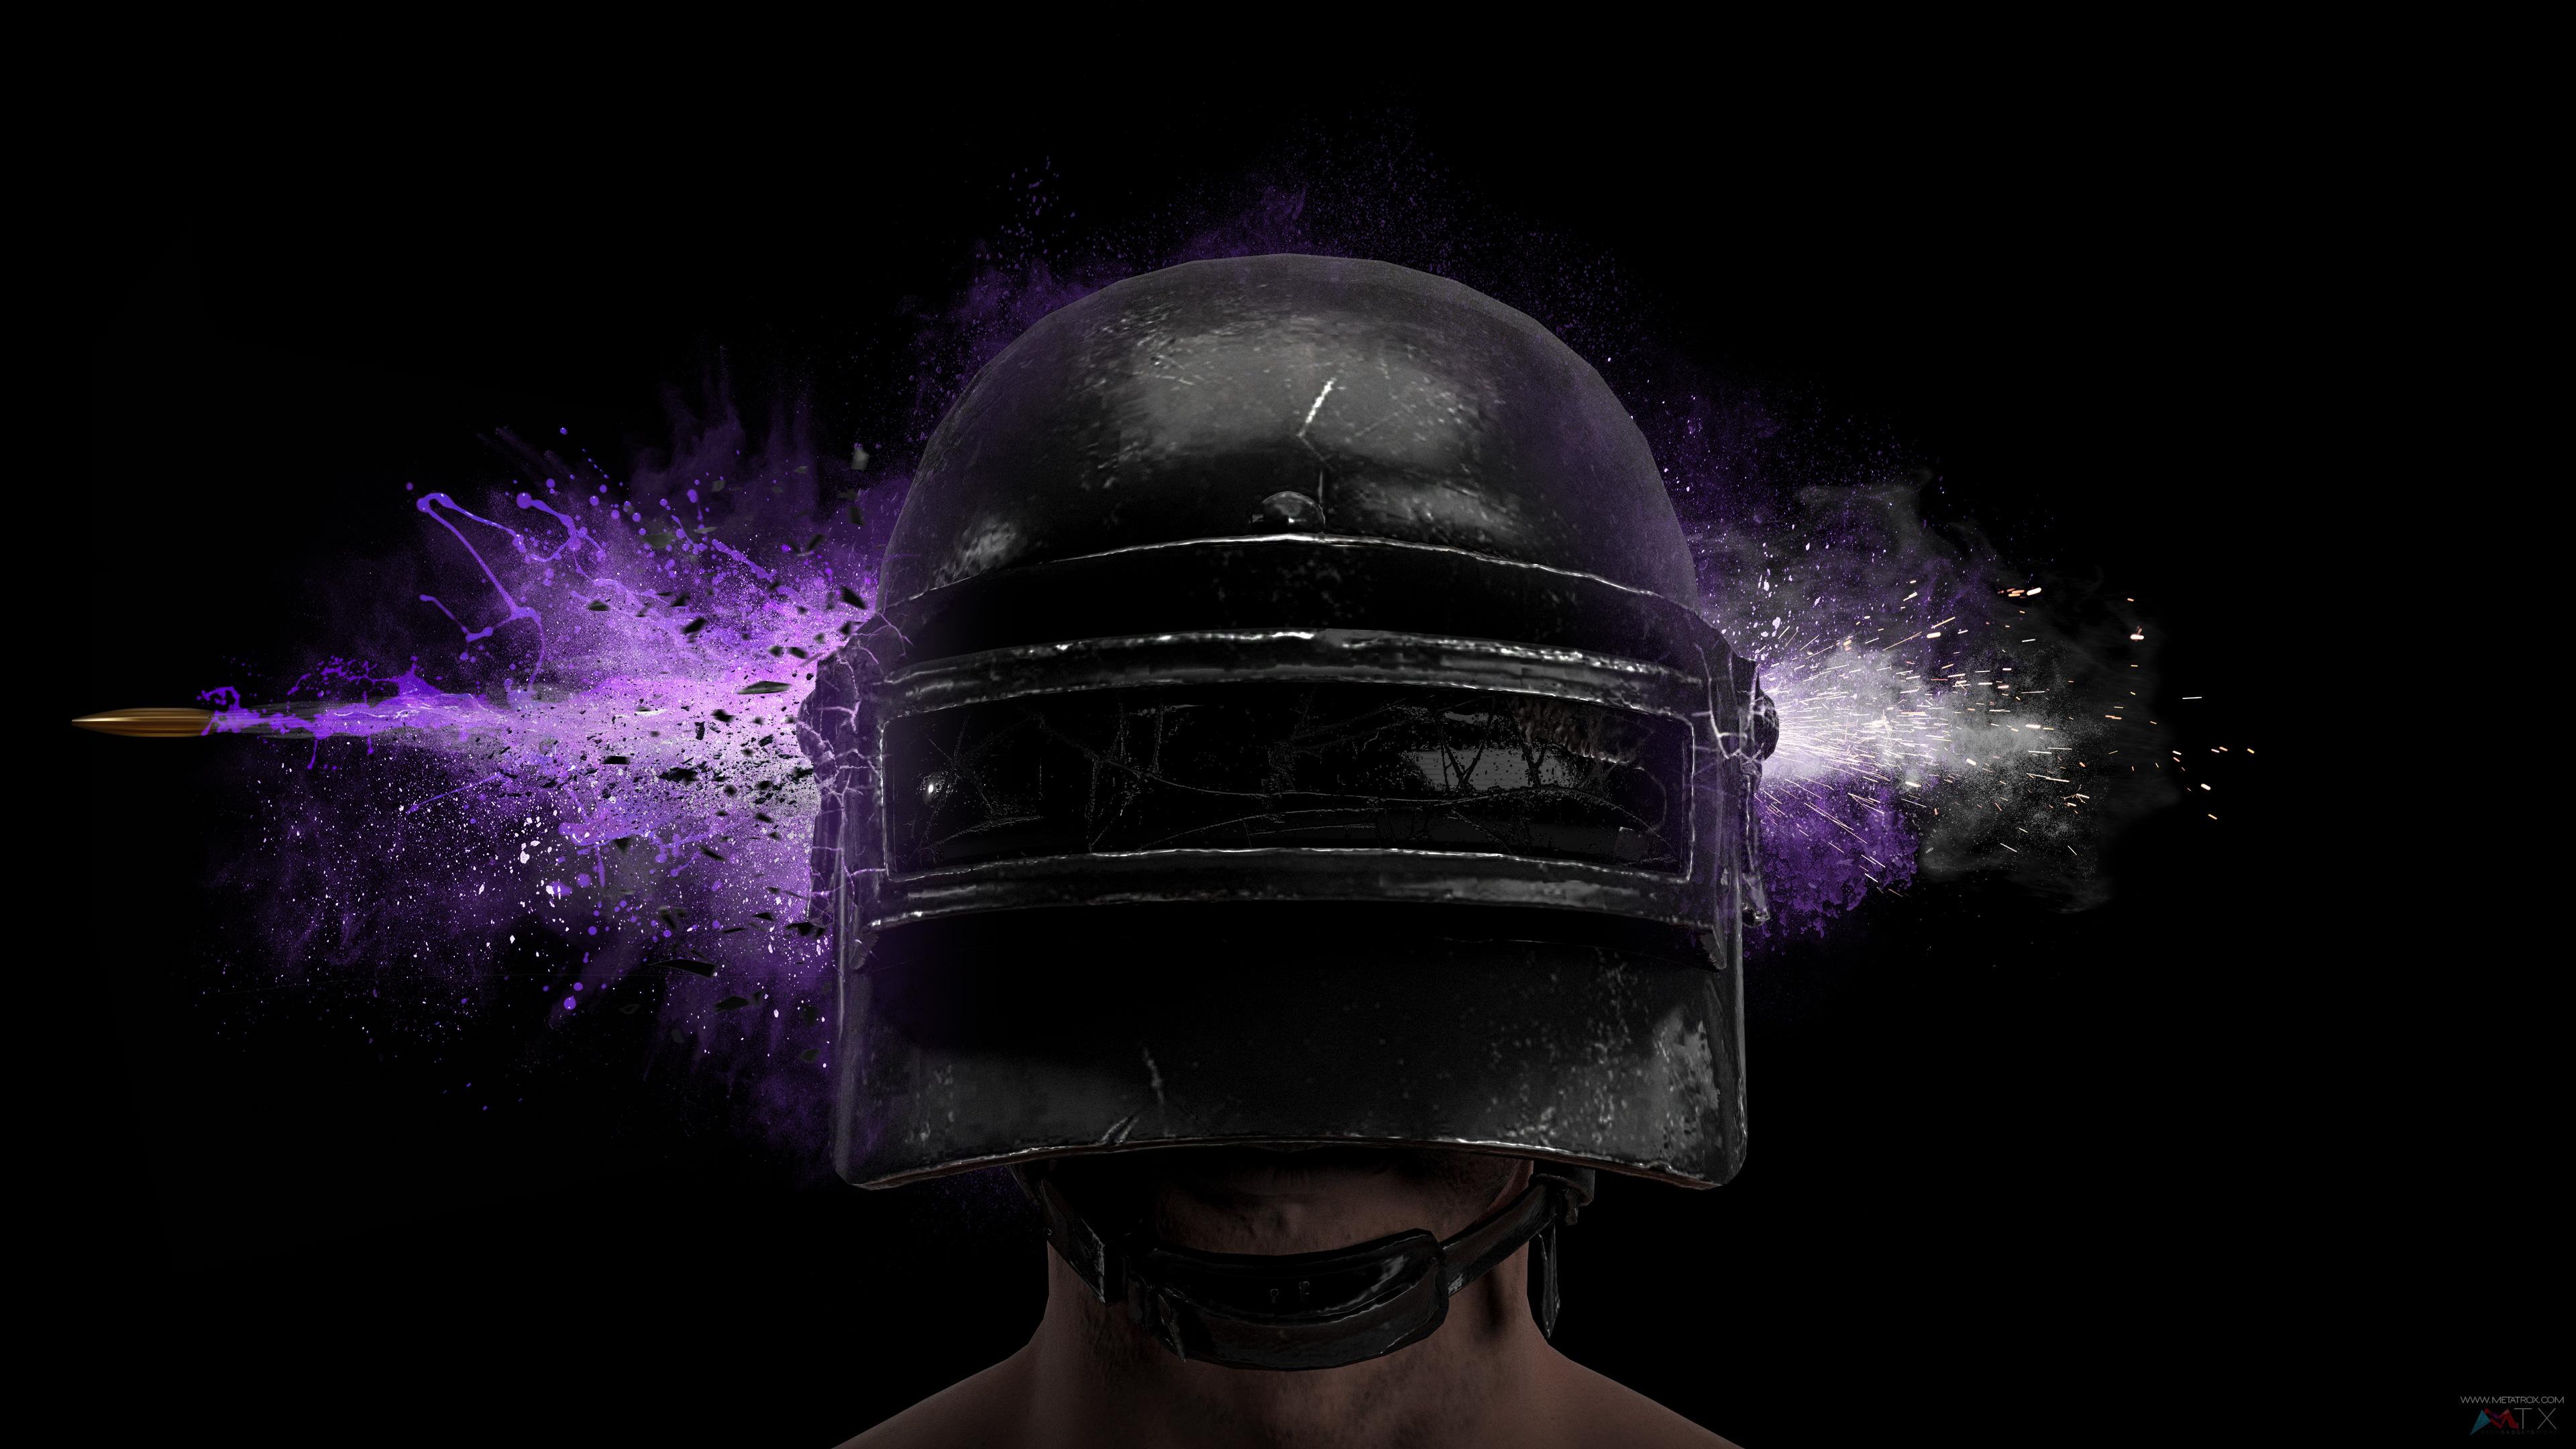 pubg game helmet guy 4k 1540982532 - PUBG Game Helmet Guy 4k - pubg wallpapers, playerunknowns battlegrounds wallpapers, helmet wallpapers, hd-wallpapers, games wallpapers, artstation wallpapers, 4k-wallpapers, 2018 games wallpapers